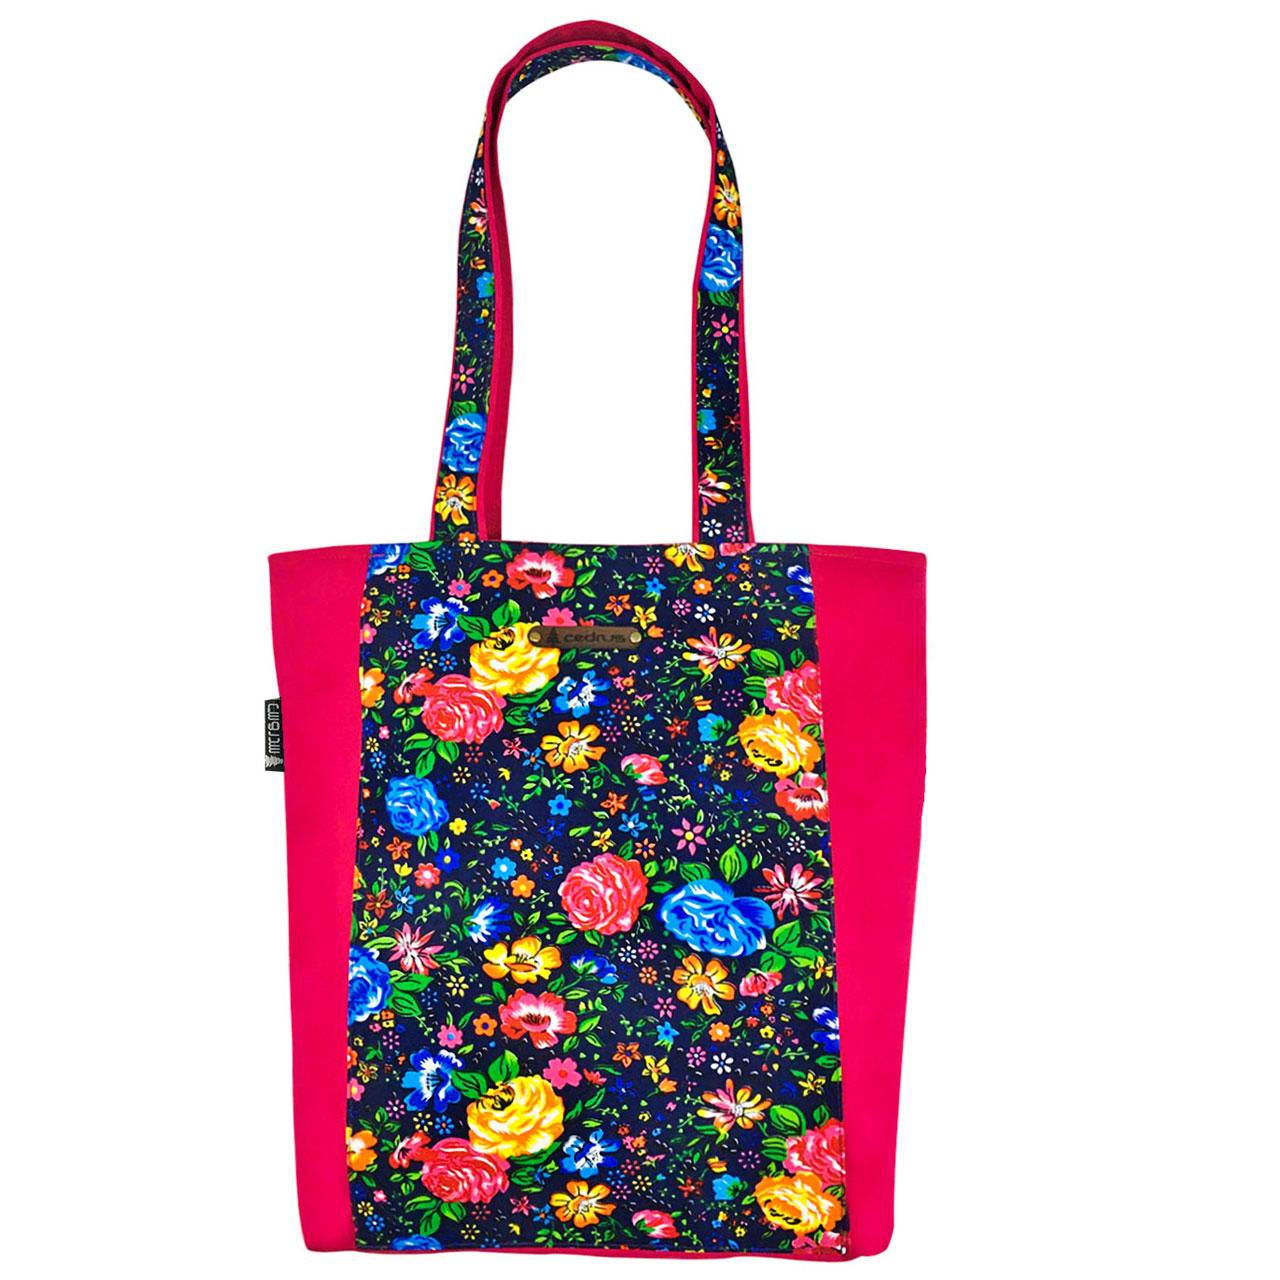 خرید                      کیف رو دوشی سدروس مدل رز هفت رنگ